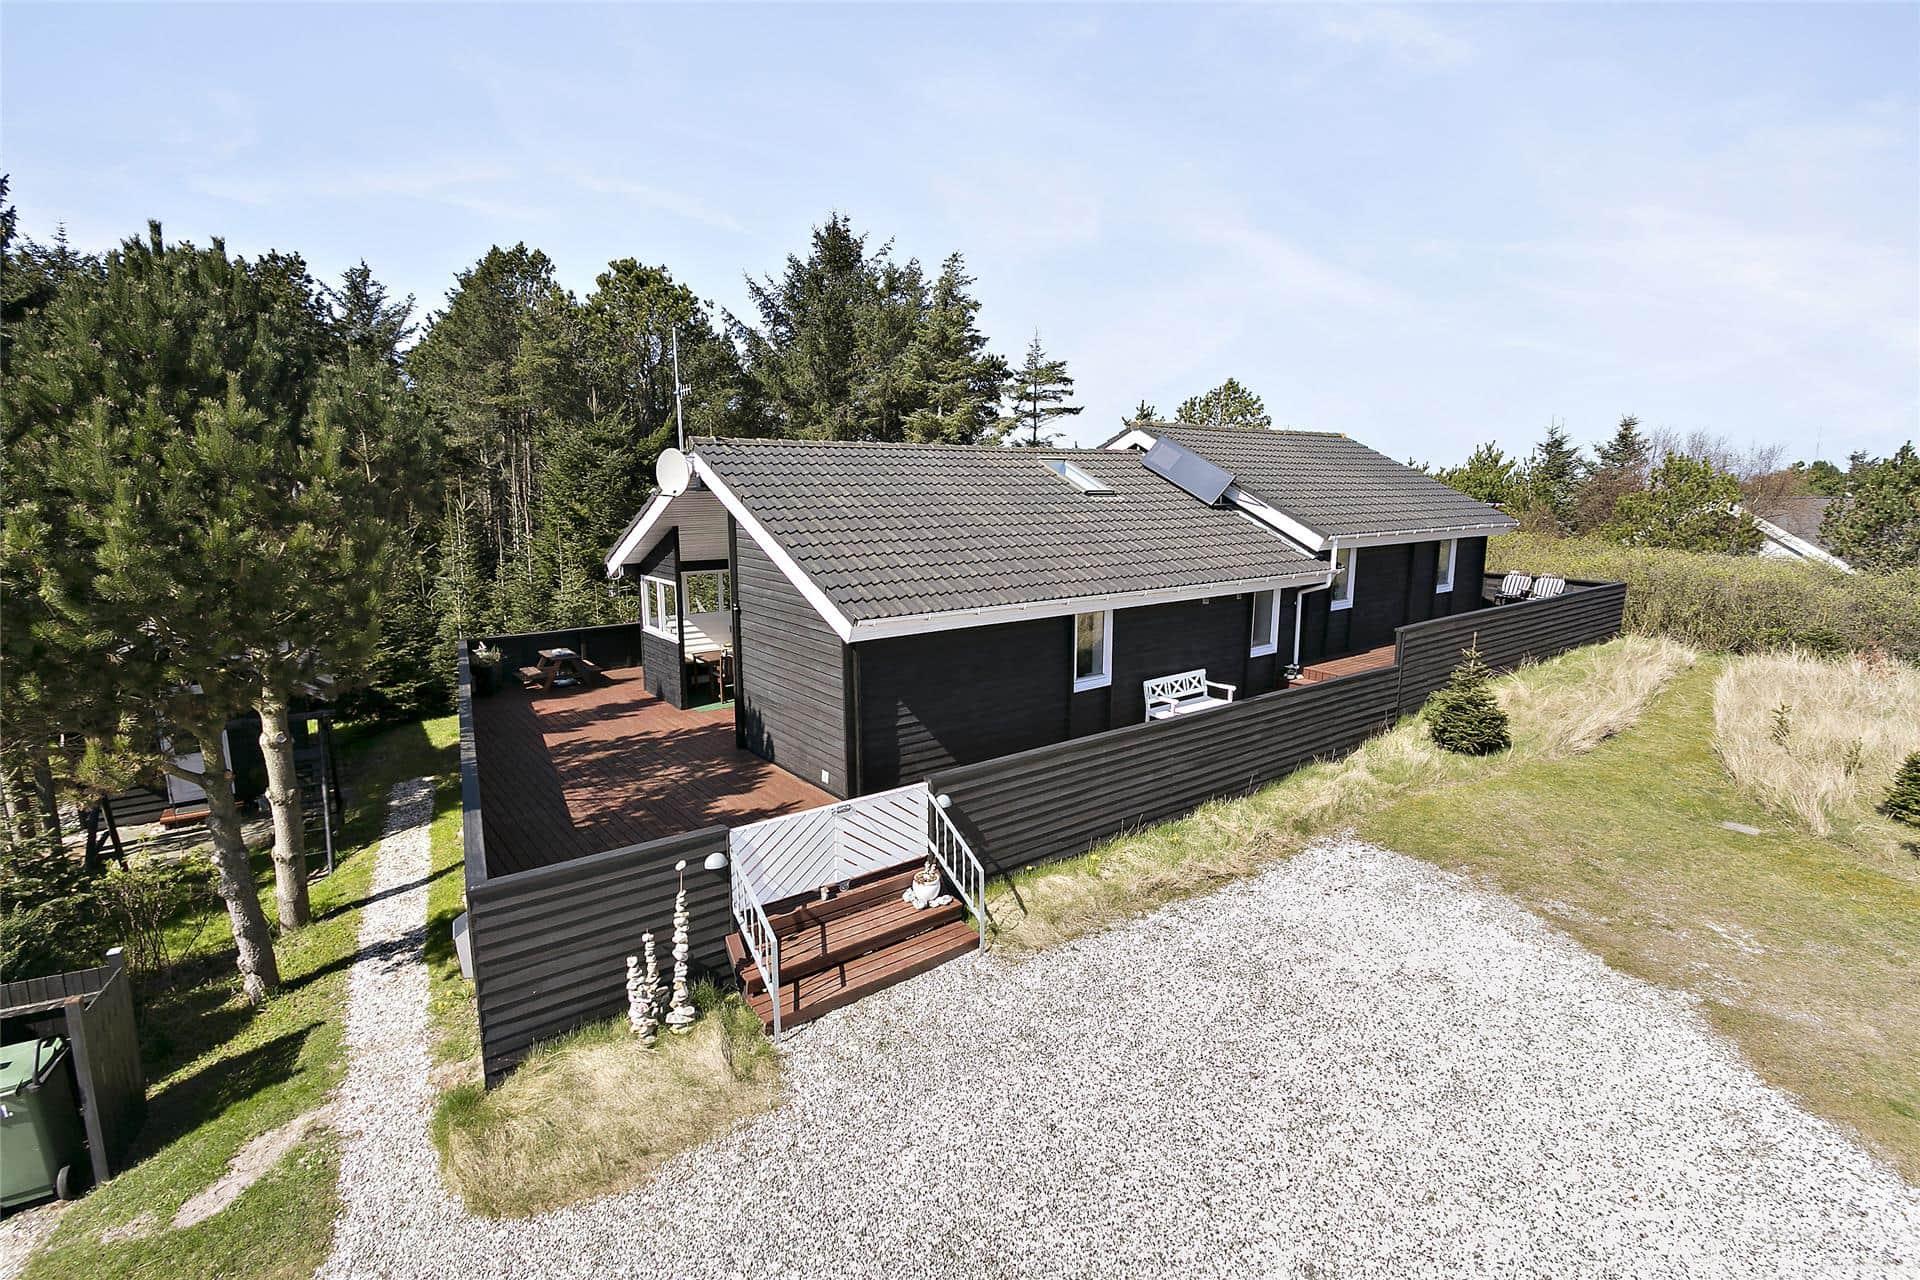 Billede 1-13 Sommerhus 906, Ajs Mølls Vej 19, DK - 7700 Thisted